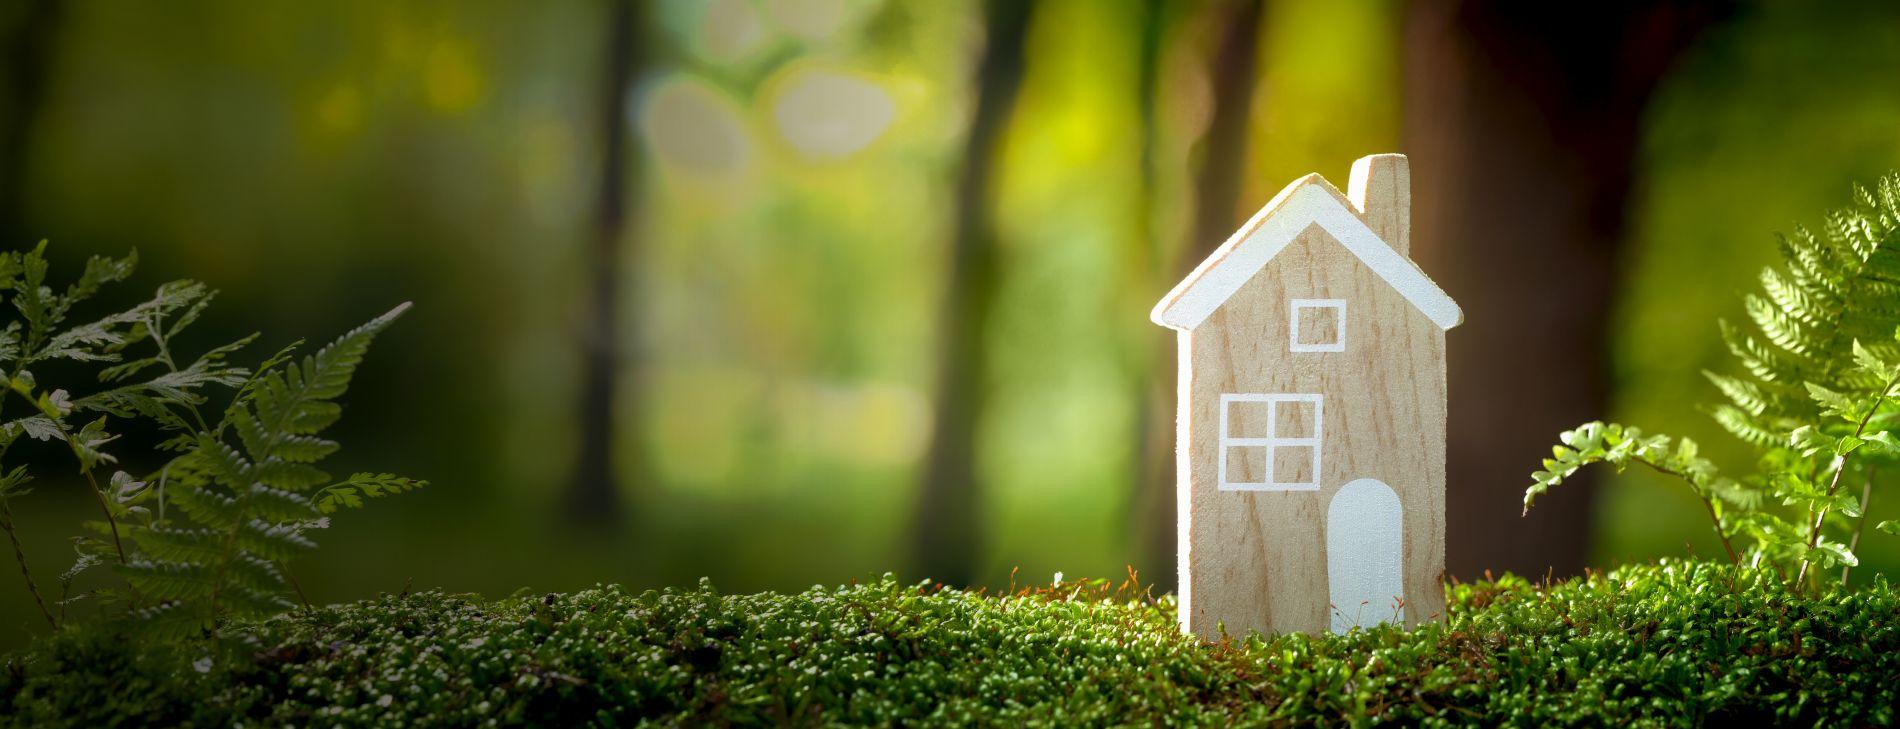 Кредит безработным под залог на недвижимость